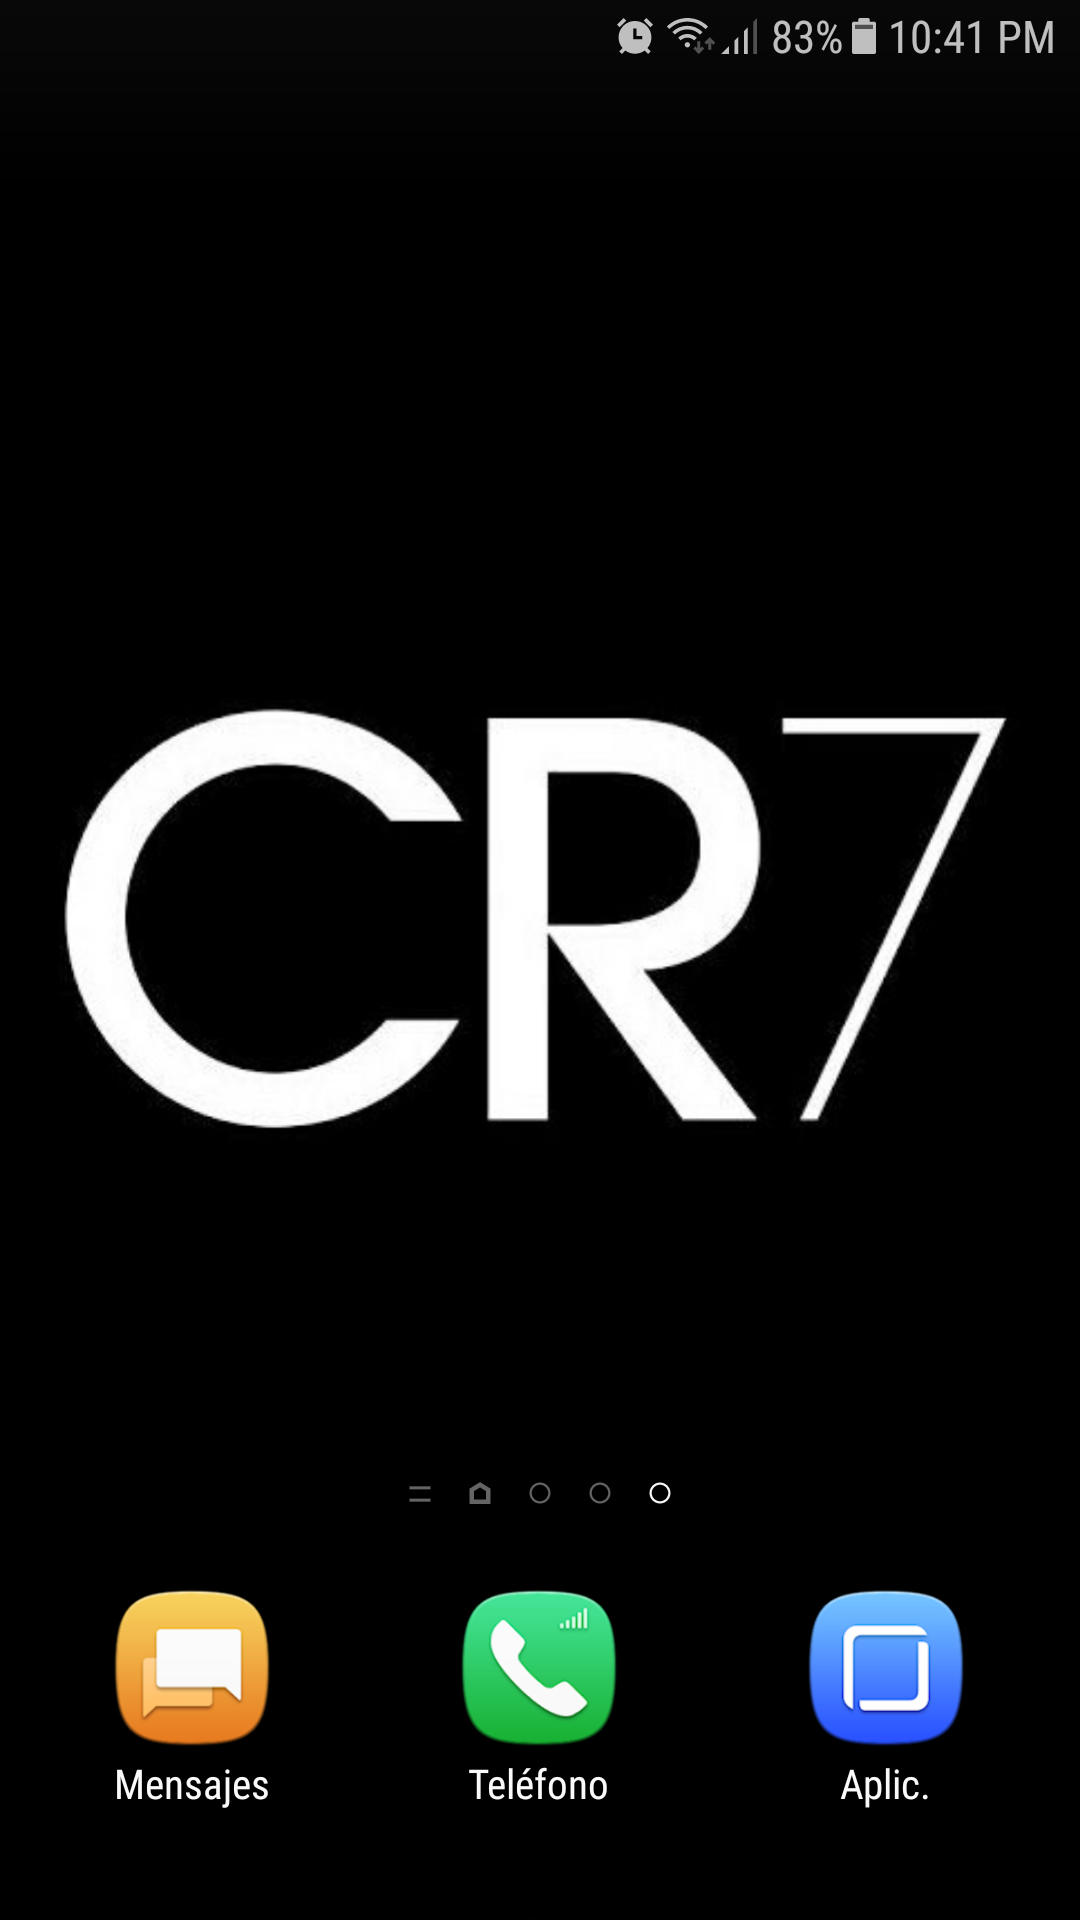 Cristiano Ronaldo - Fondos